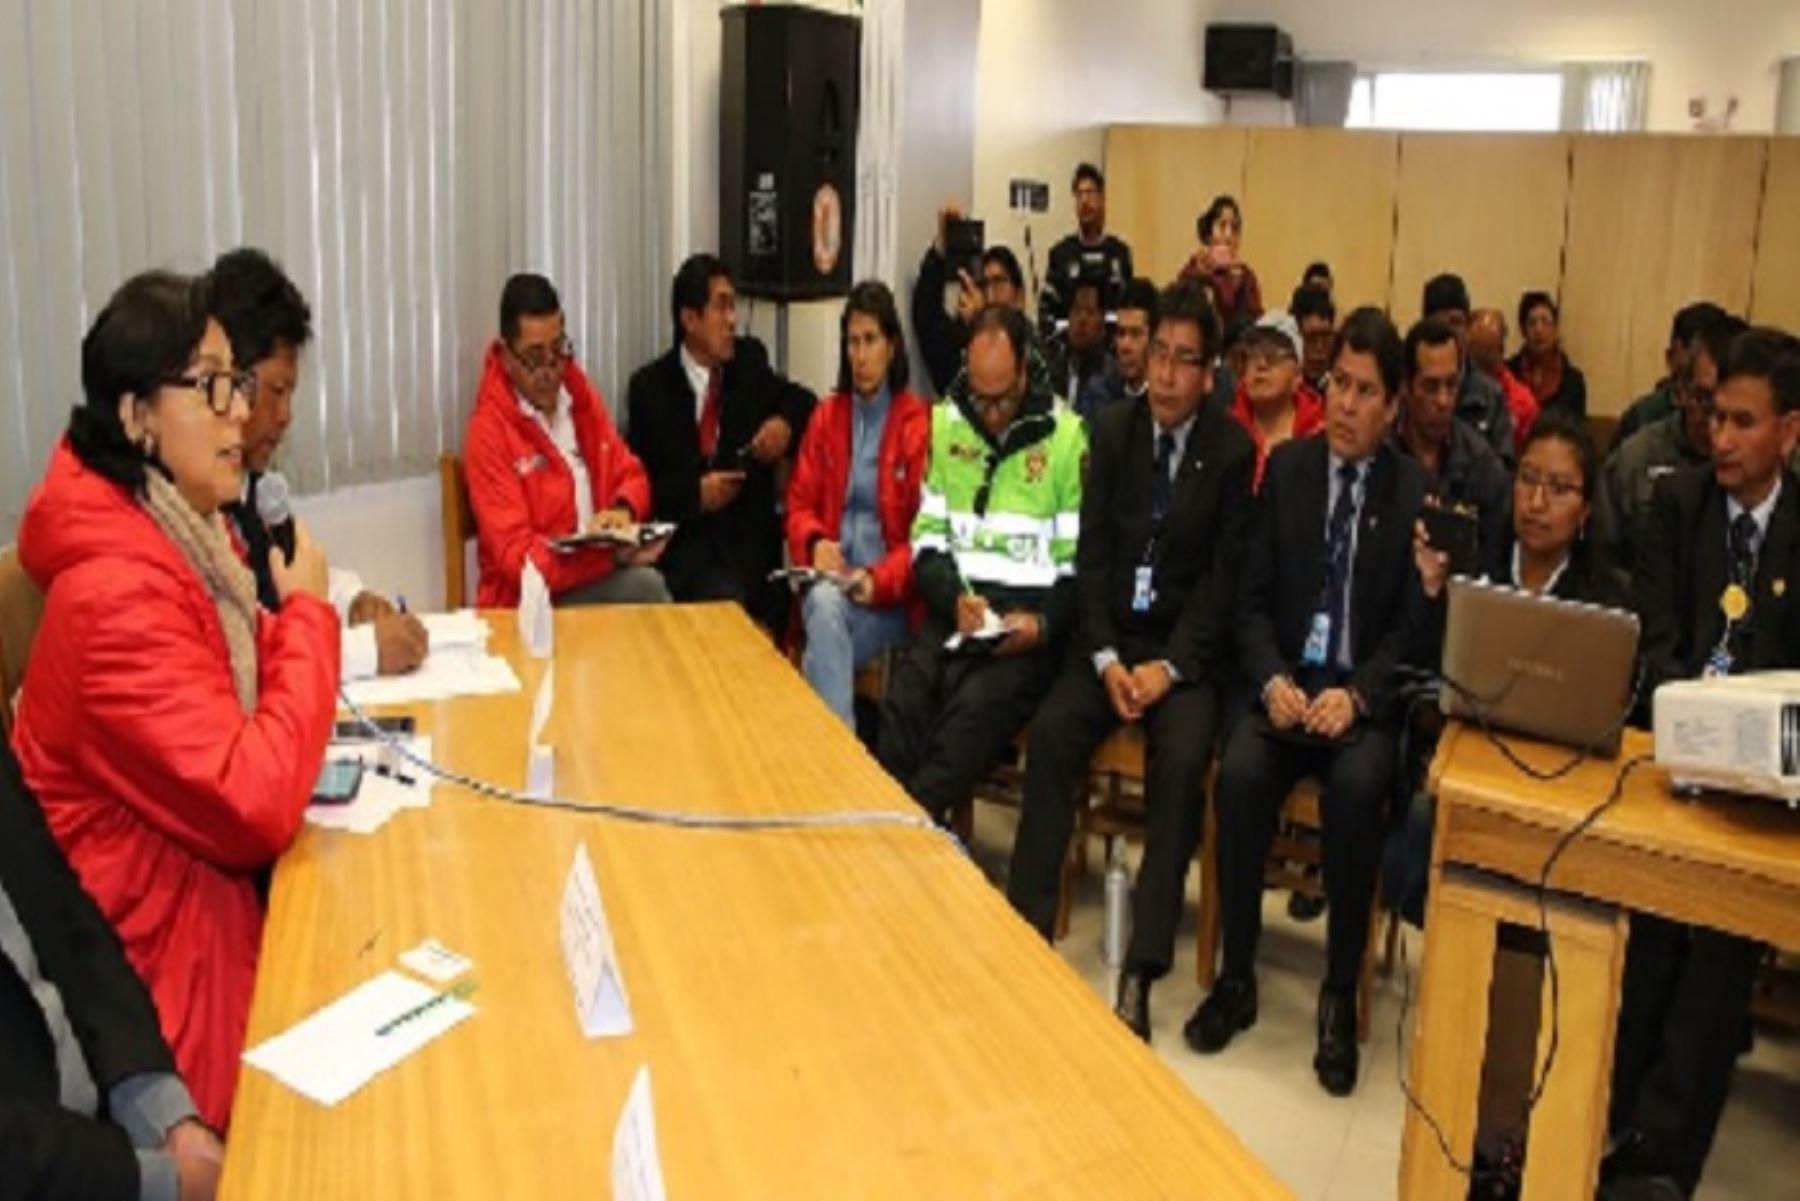 La ministra de Trabajo y Promoción del Empleo, Sylvia Cáceres Pizarro, encabezó las coordinaciones que efectúa el gobierno en Puno, a donde llegó acompañada de una comitiva para presidir la reunión de emergencia con integrantes de la Plataforma Regional de Defensa Civil de esta región.